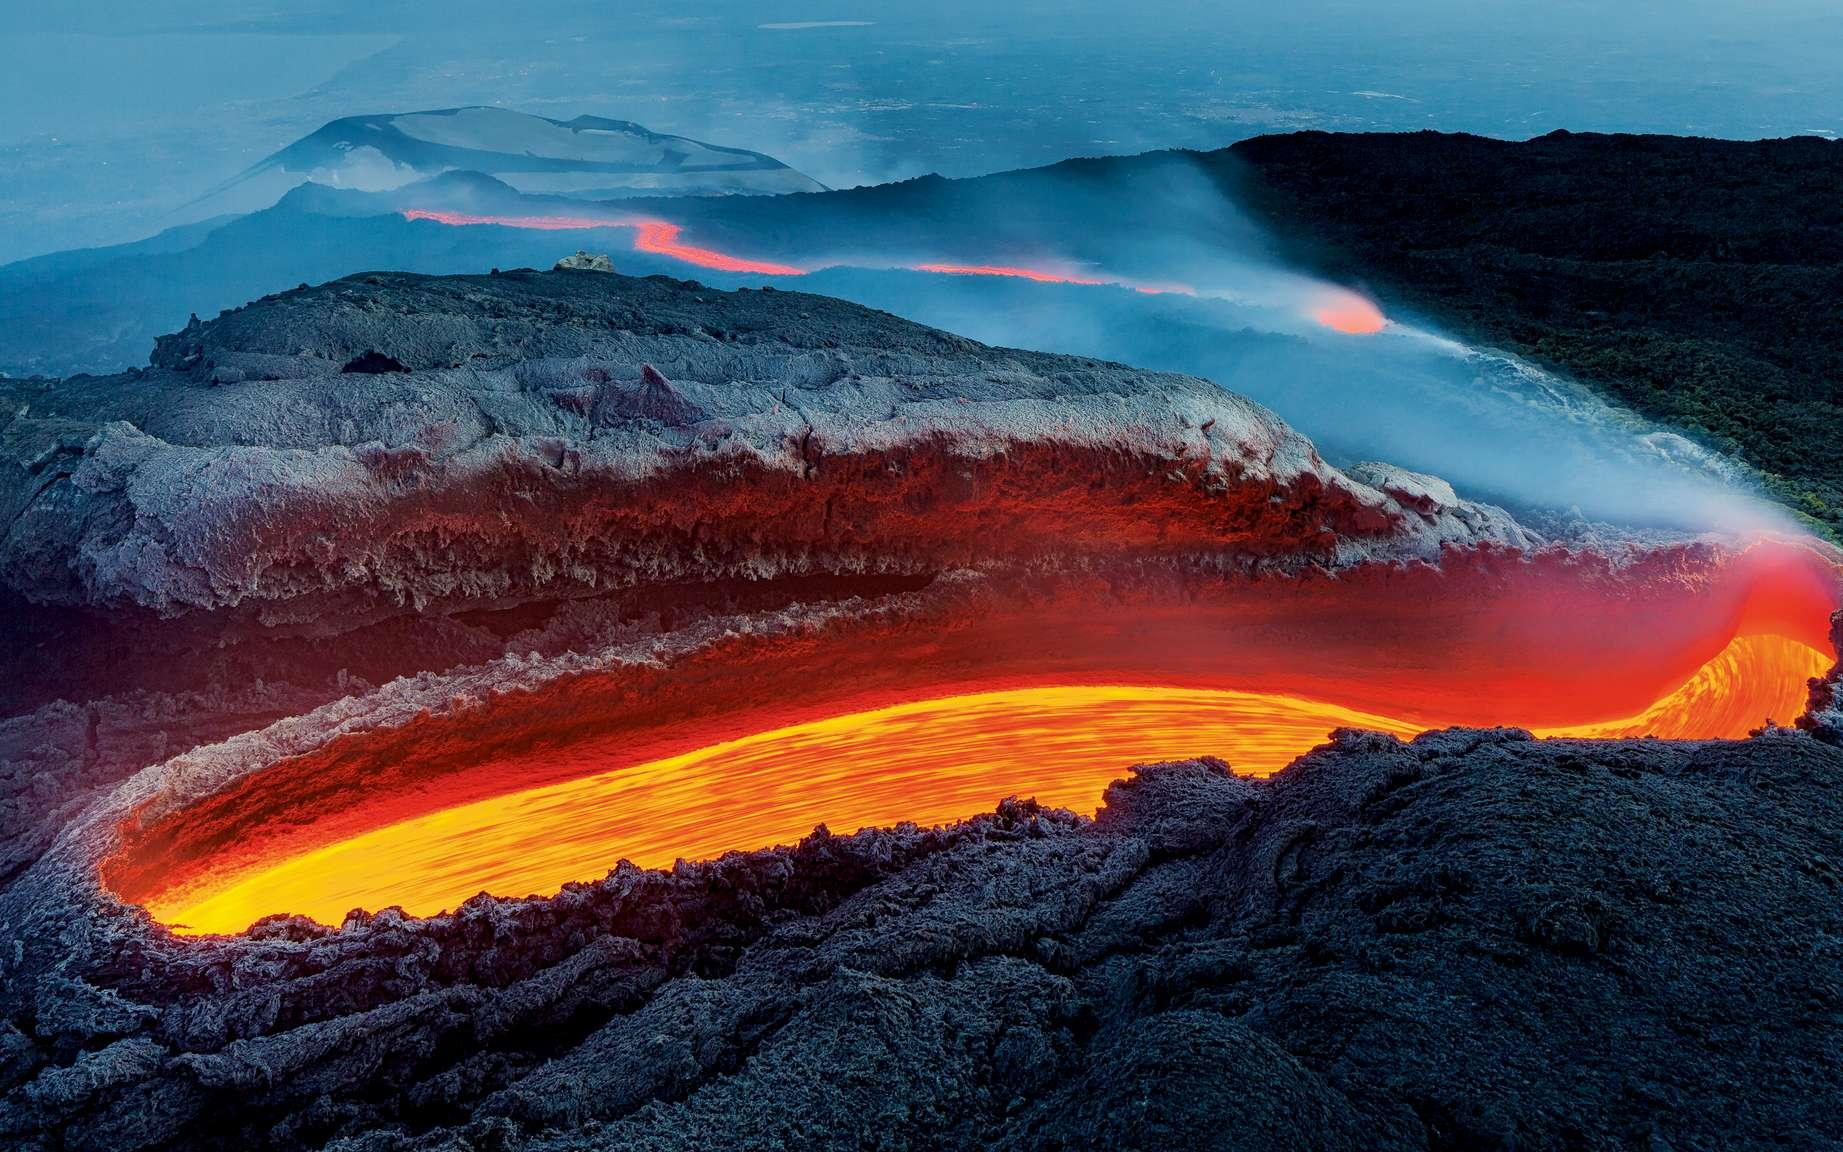 La coulée de feu de l'Etna, photographie de Luciano Gaudenzio réalisée en 2017 à l'heure bleue. © Luciano Gaudenzio, Wildlife Photographer of the Year 2020